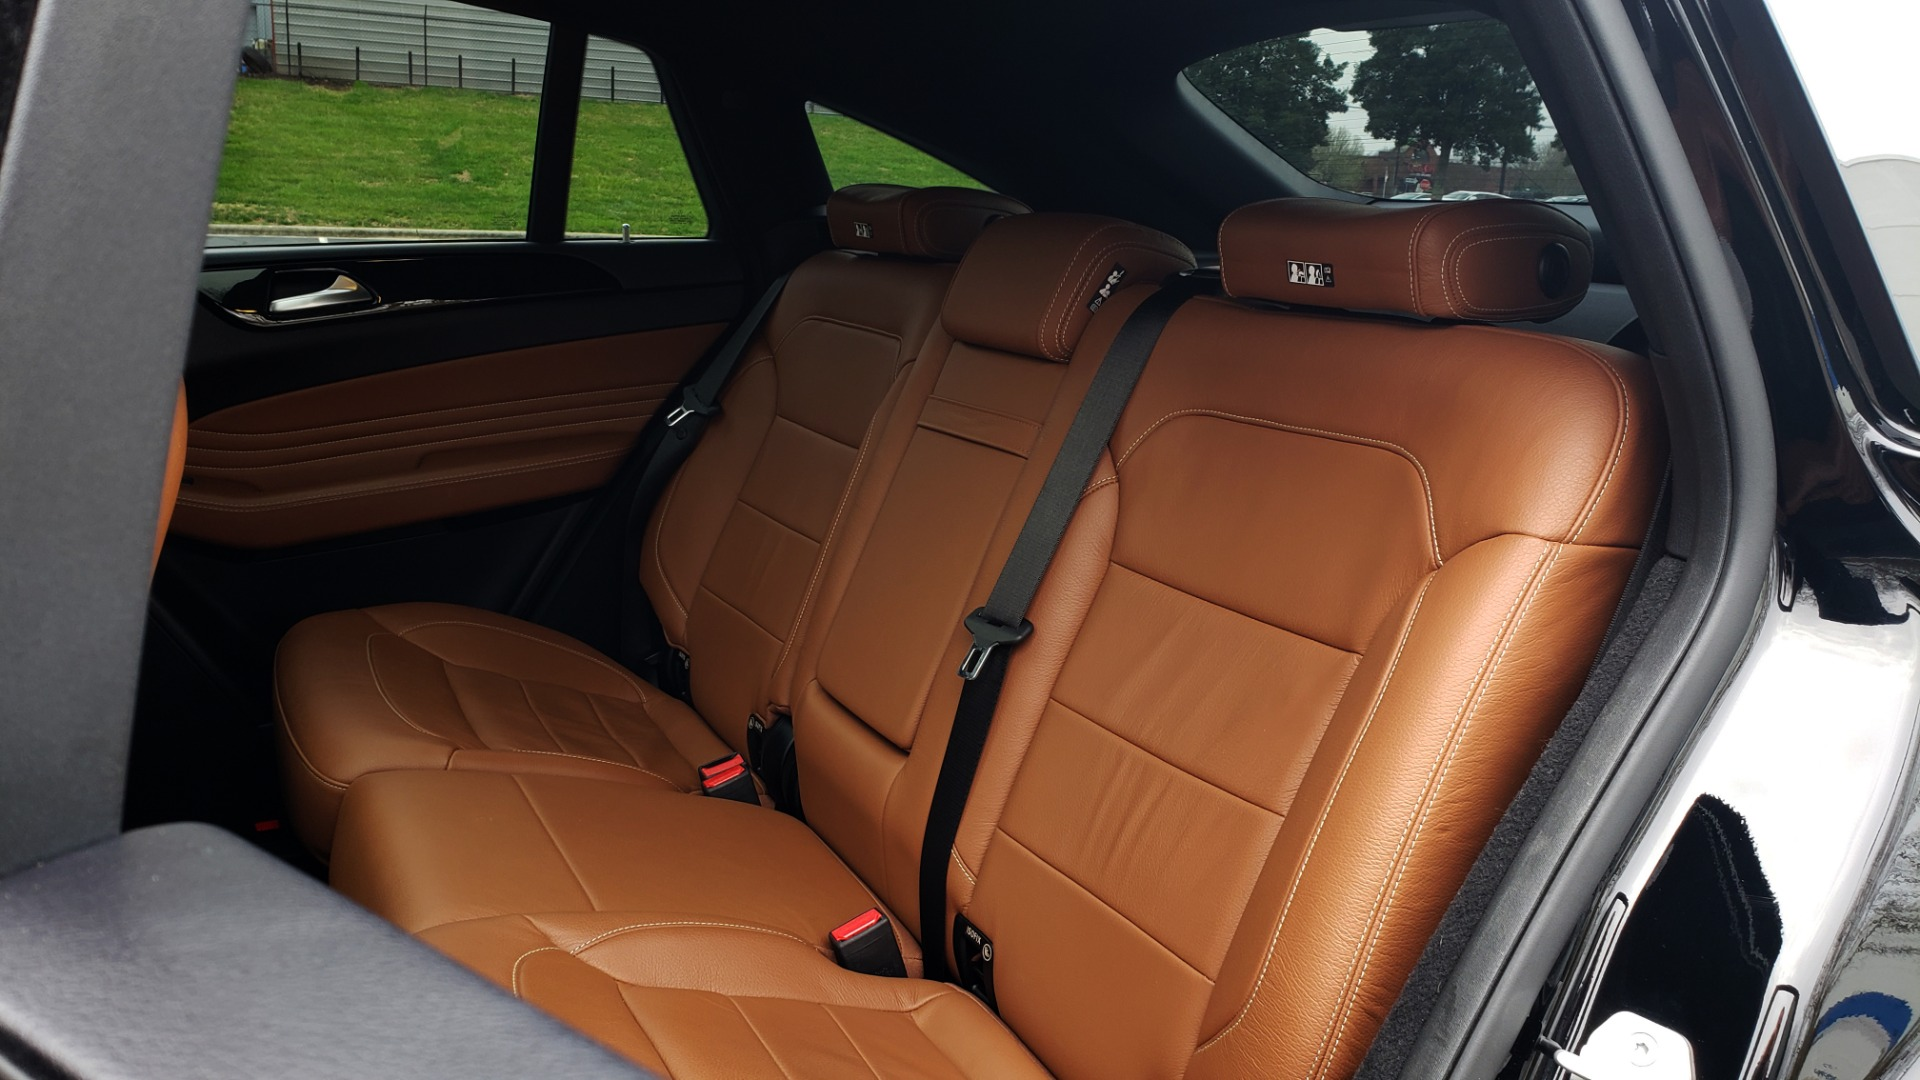 Used 2016 Mercedes-Benz GLE 450 AMG / AWD / PREM PKG / PARK ASST / DRVR ASST / SUNROOF for sale Sold at Formula Imports in Charlotte NC 28227 68